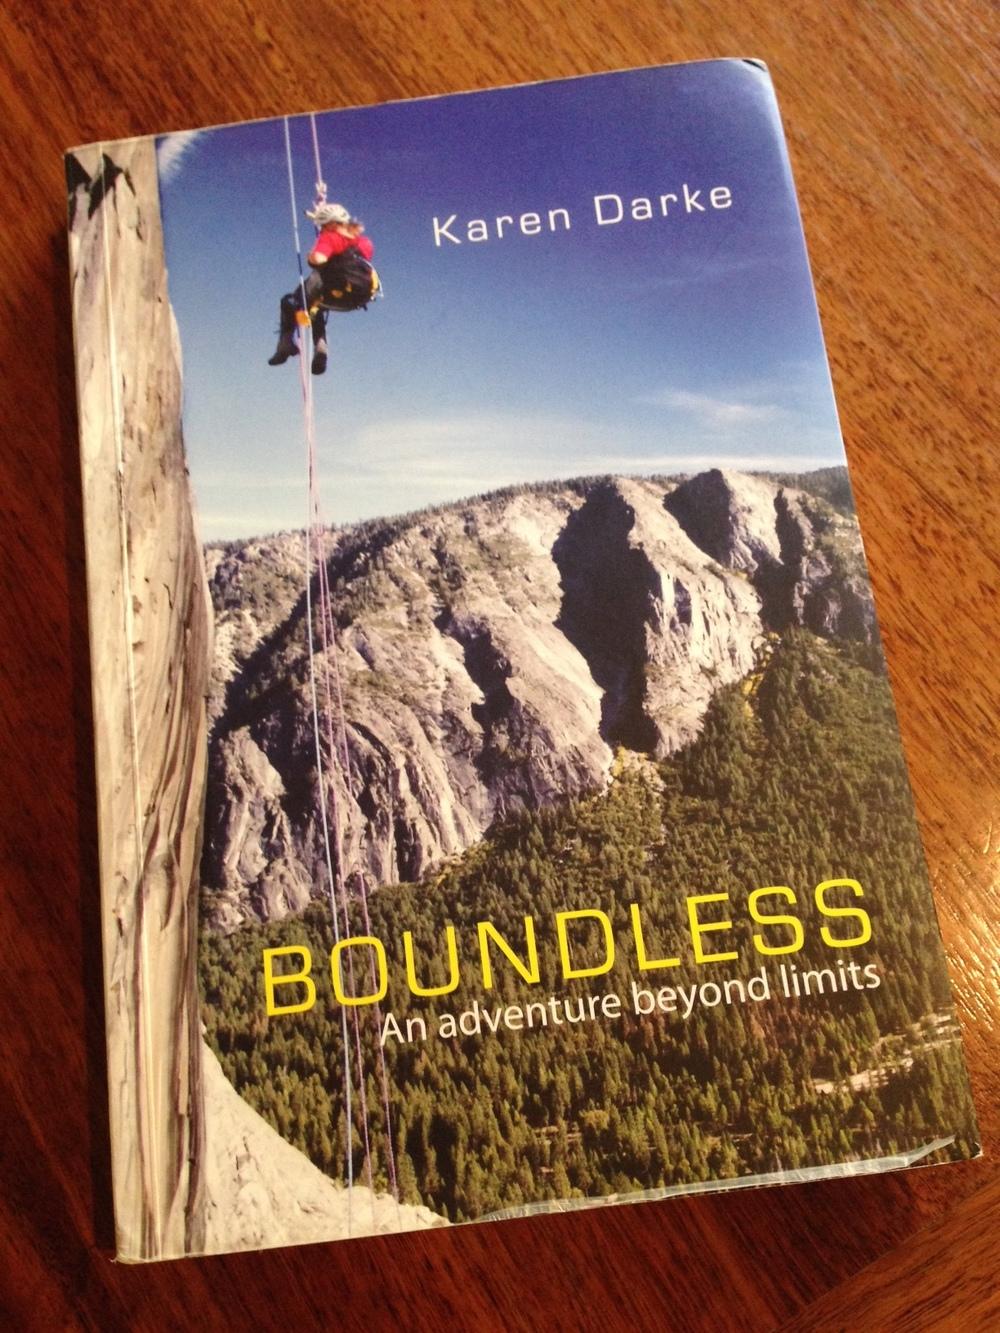 'Boundless', book by Karen Darke, 2012